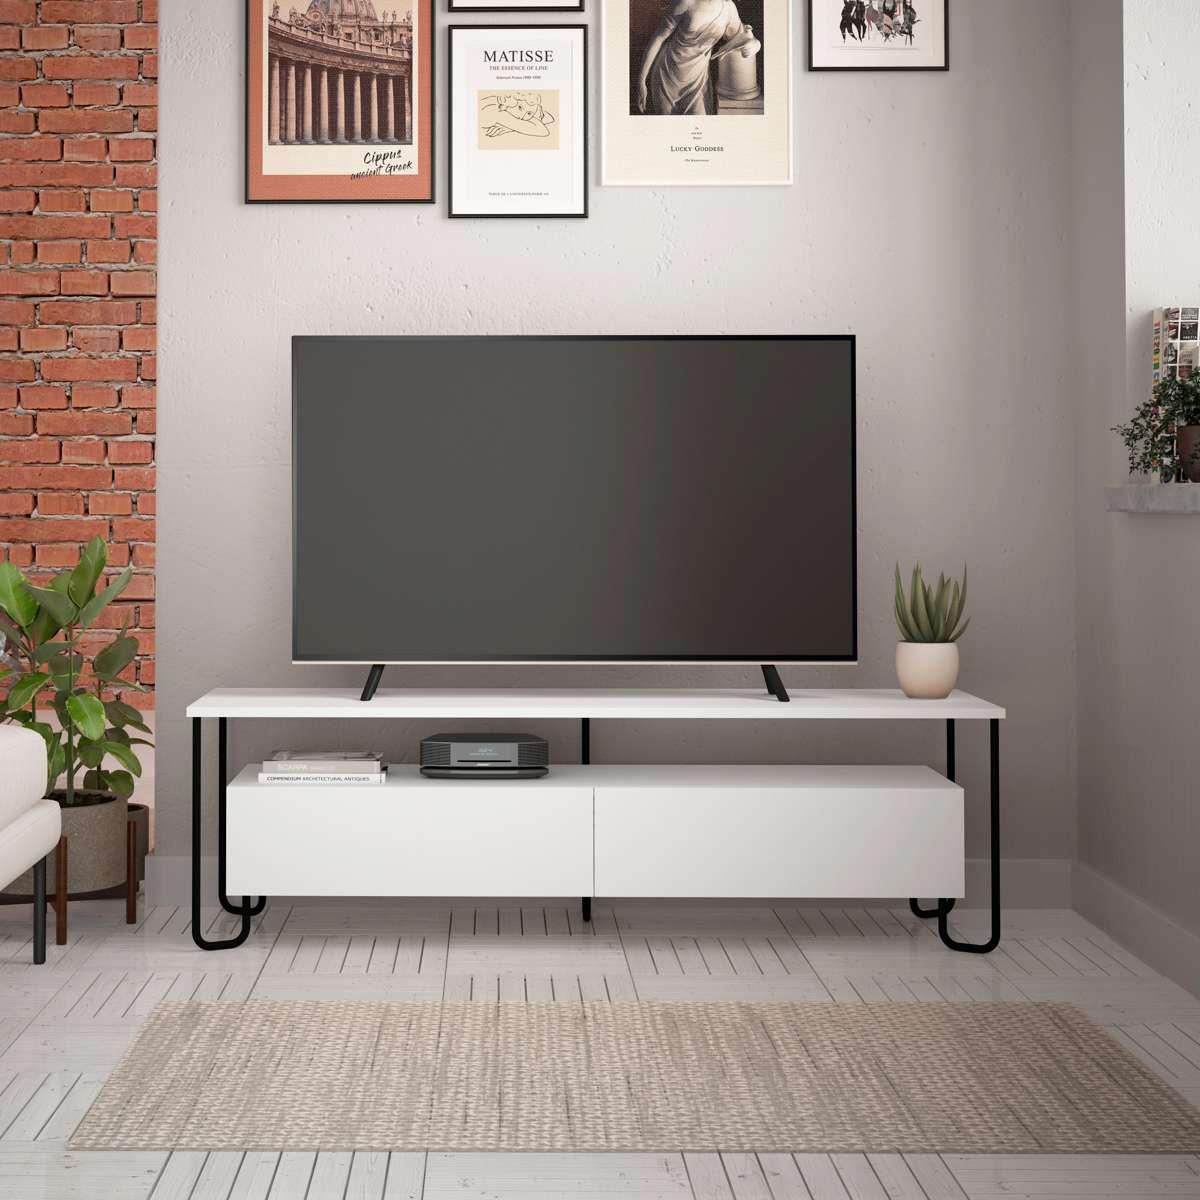 מזנון טלוויזיה פינתי Cornea TV לבן 150 ס